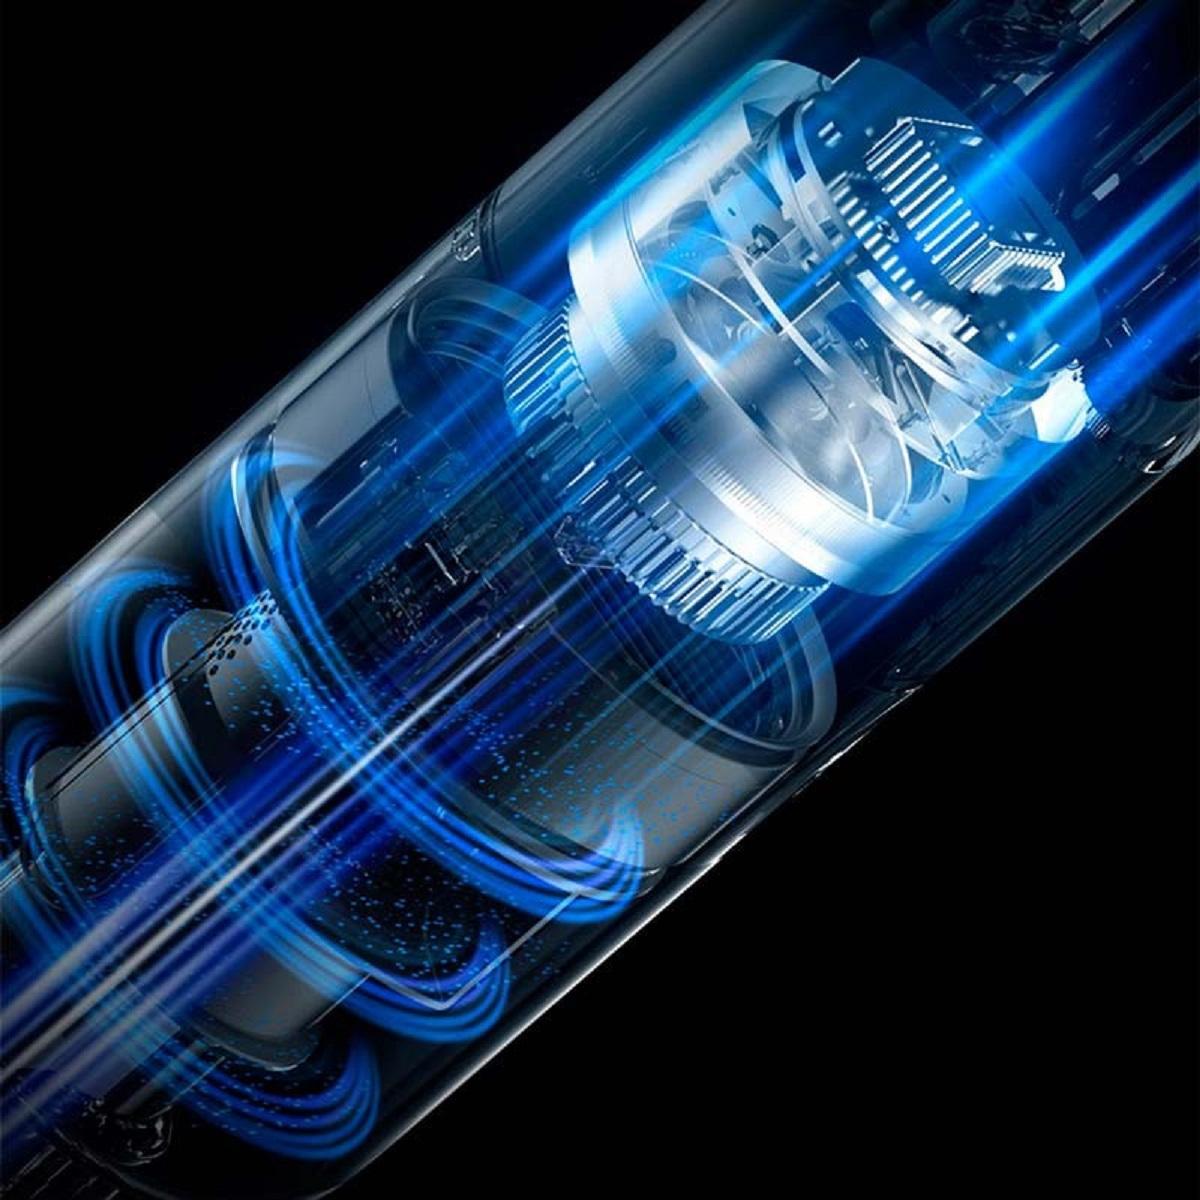 Mi Vacuum Cleaner Light